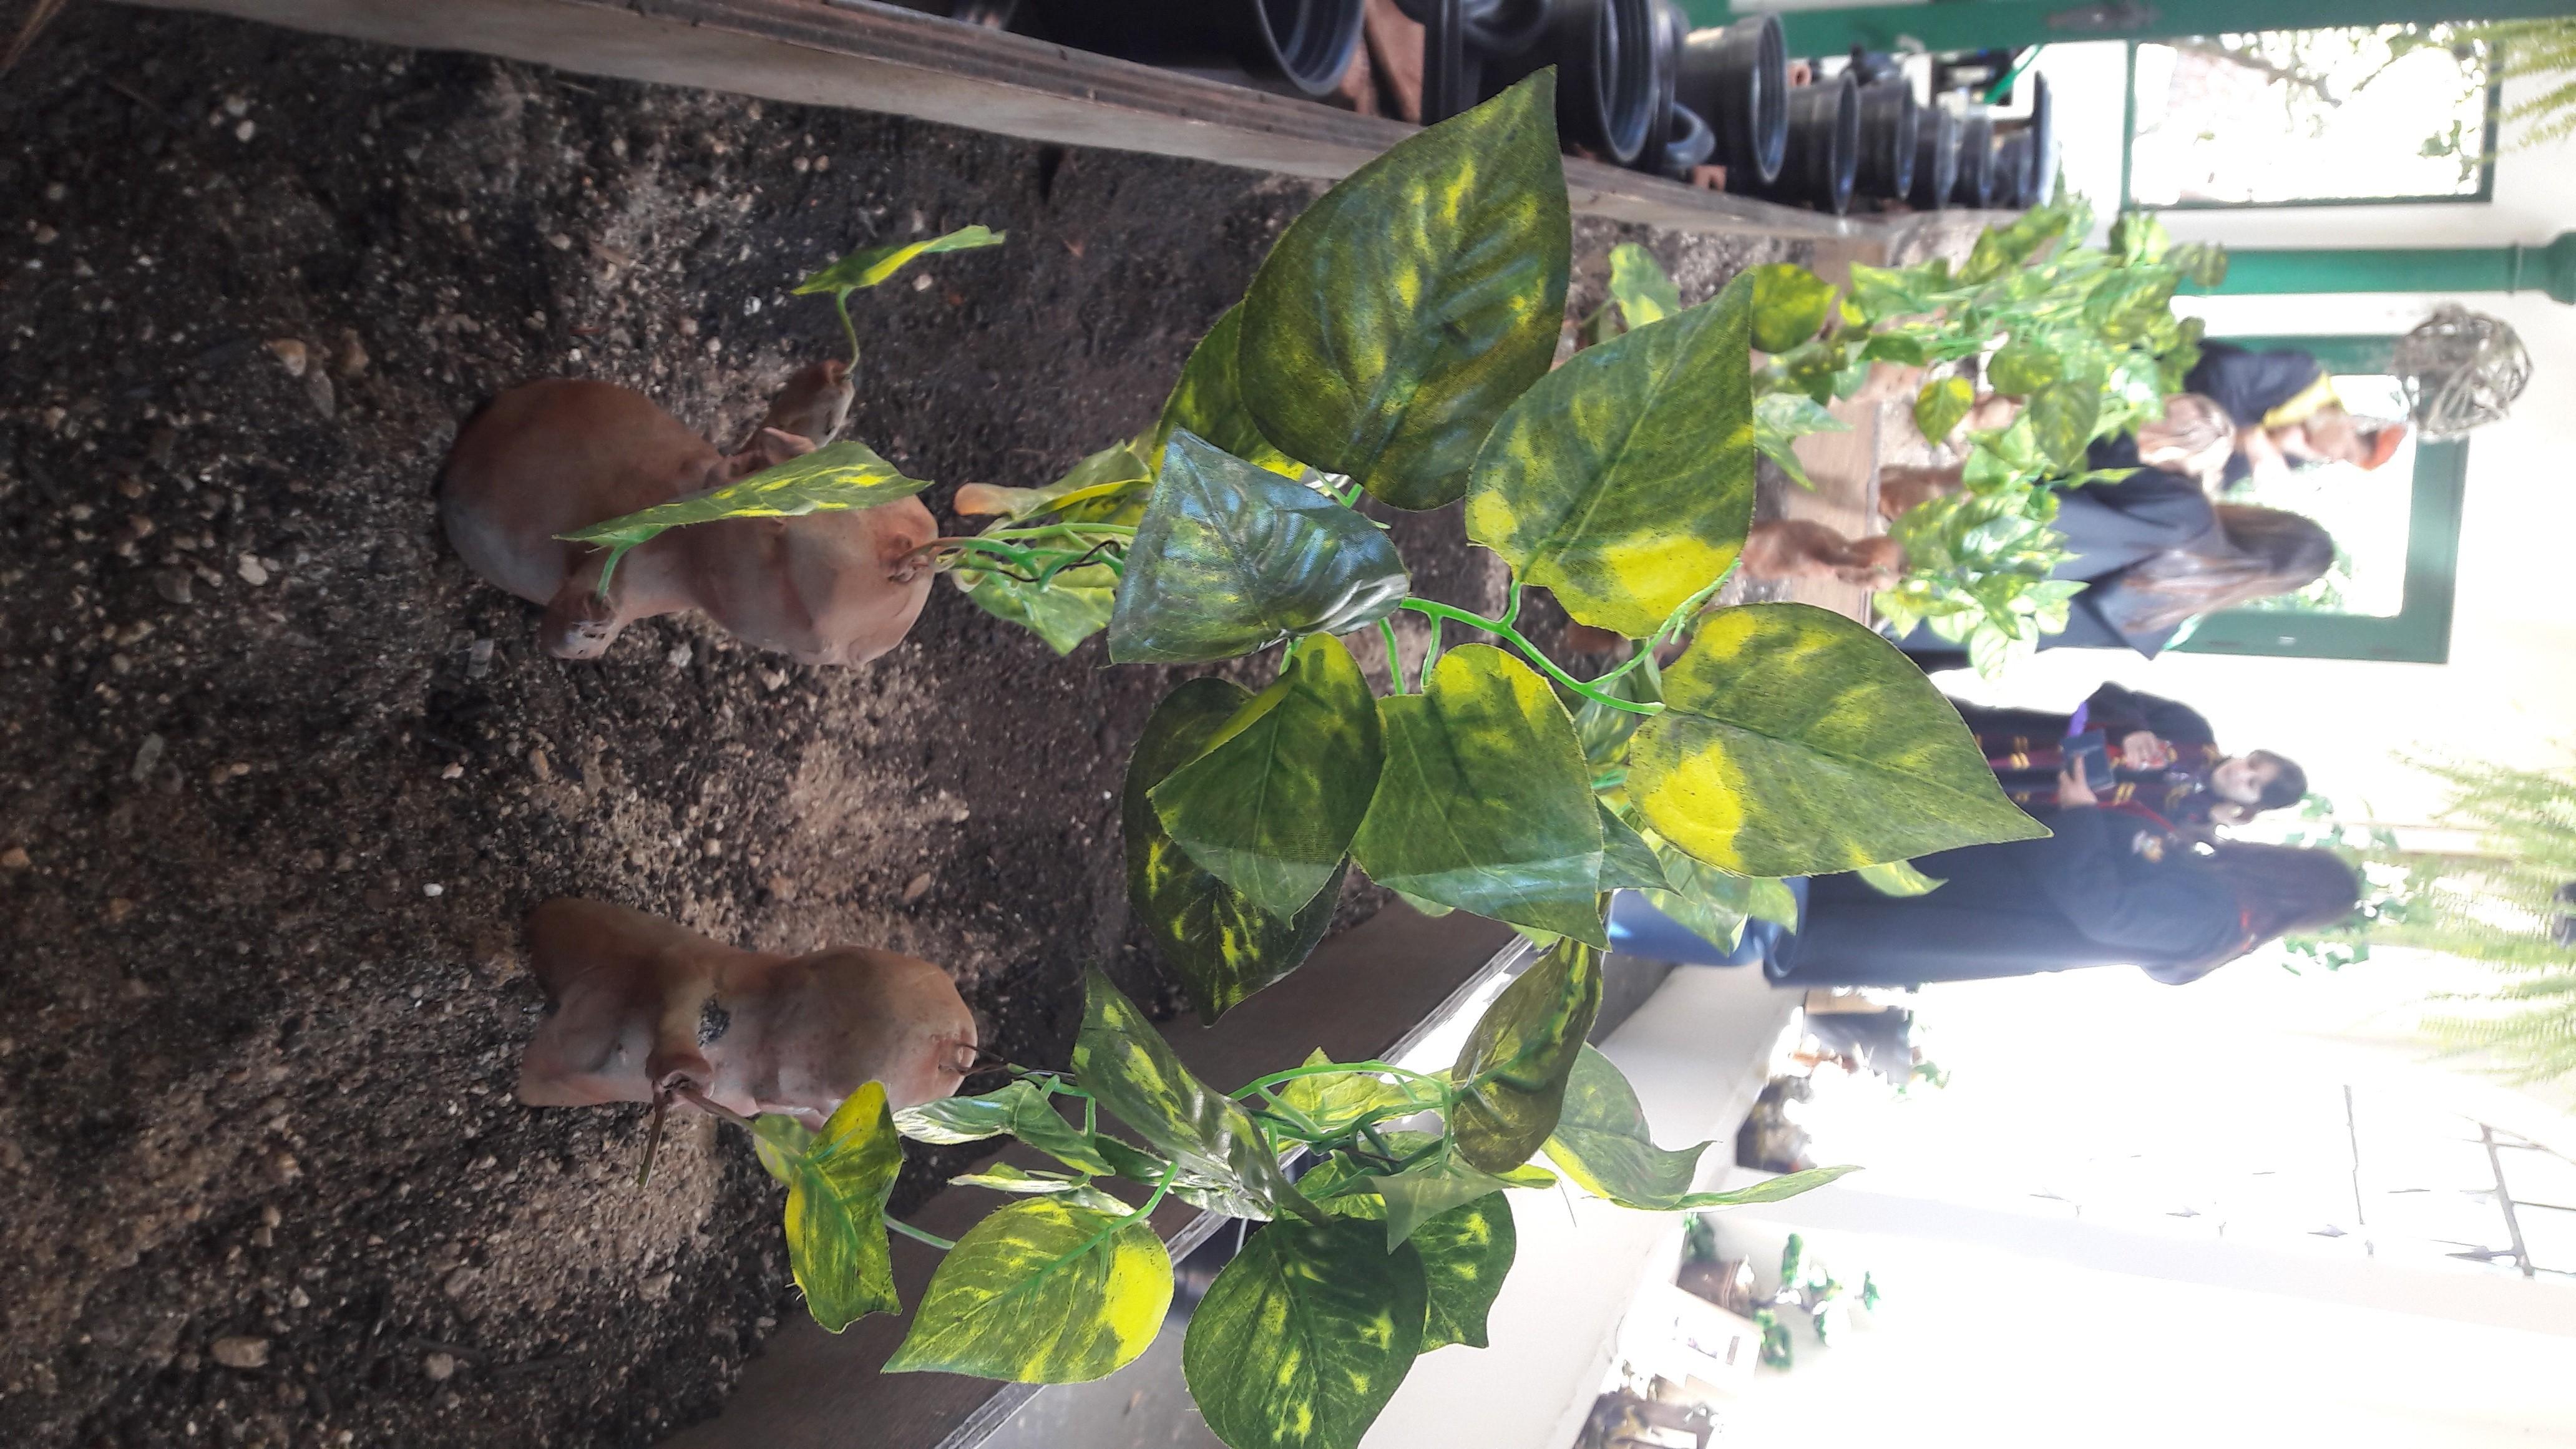 Mandrágoras na aula de Herbologia (Foto: Isabela Moreira/Revista Galileu)